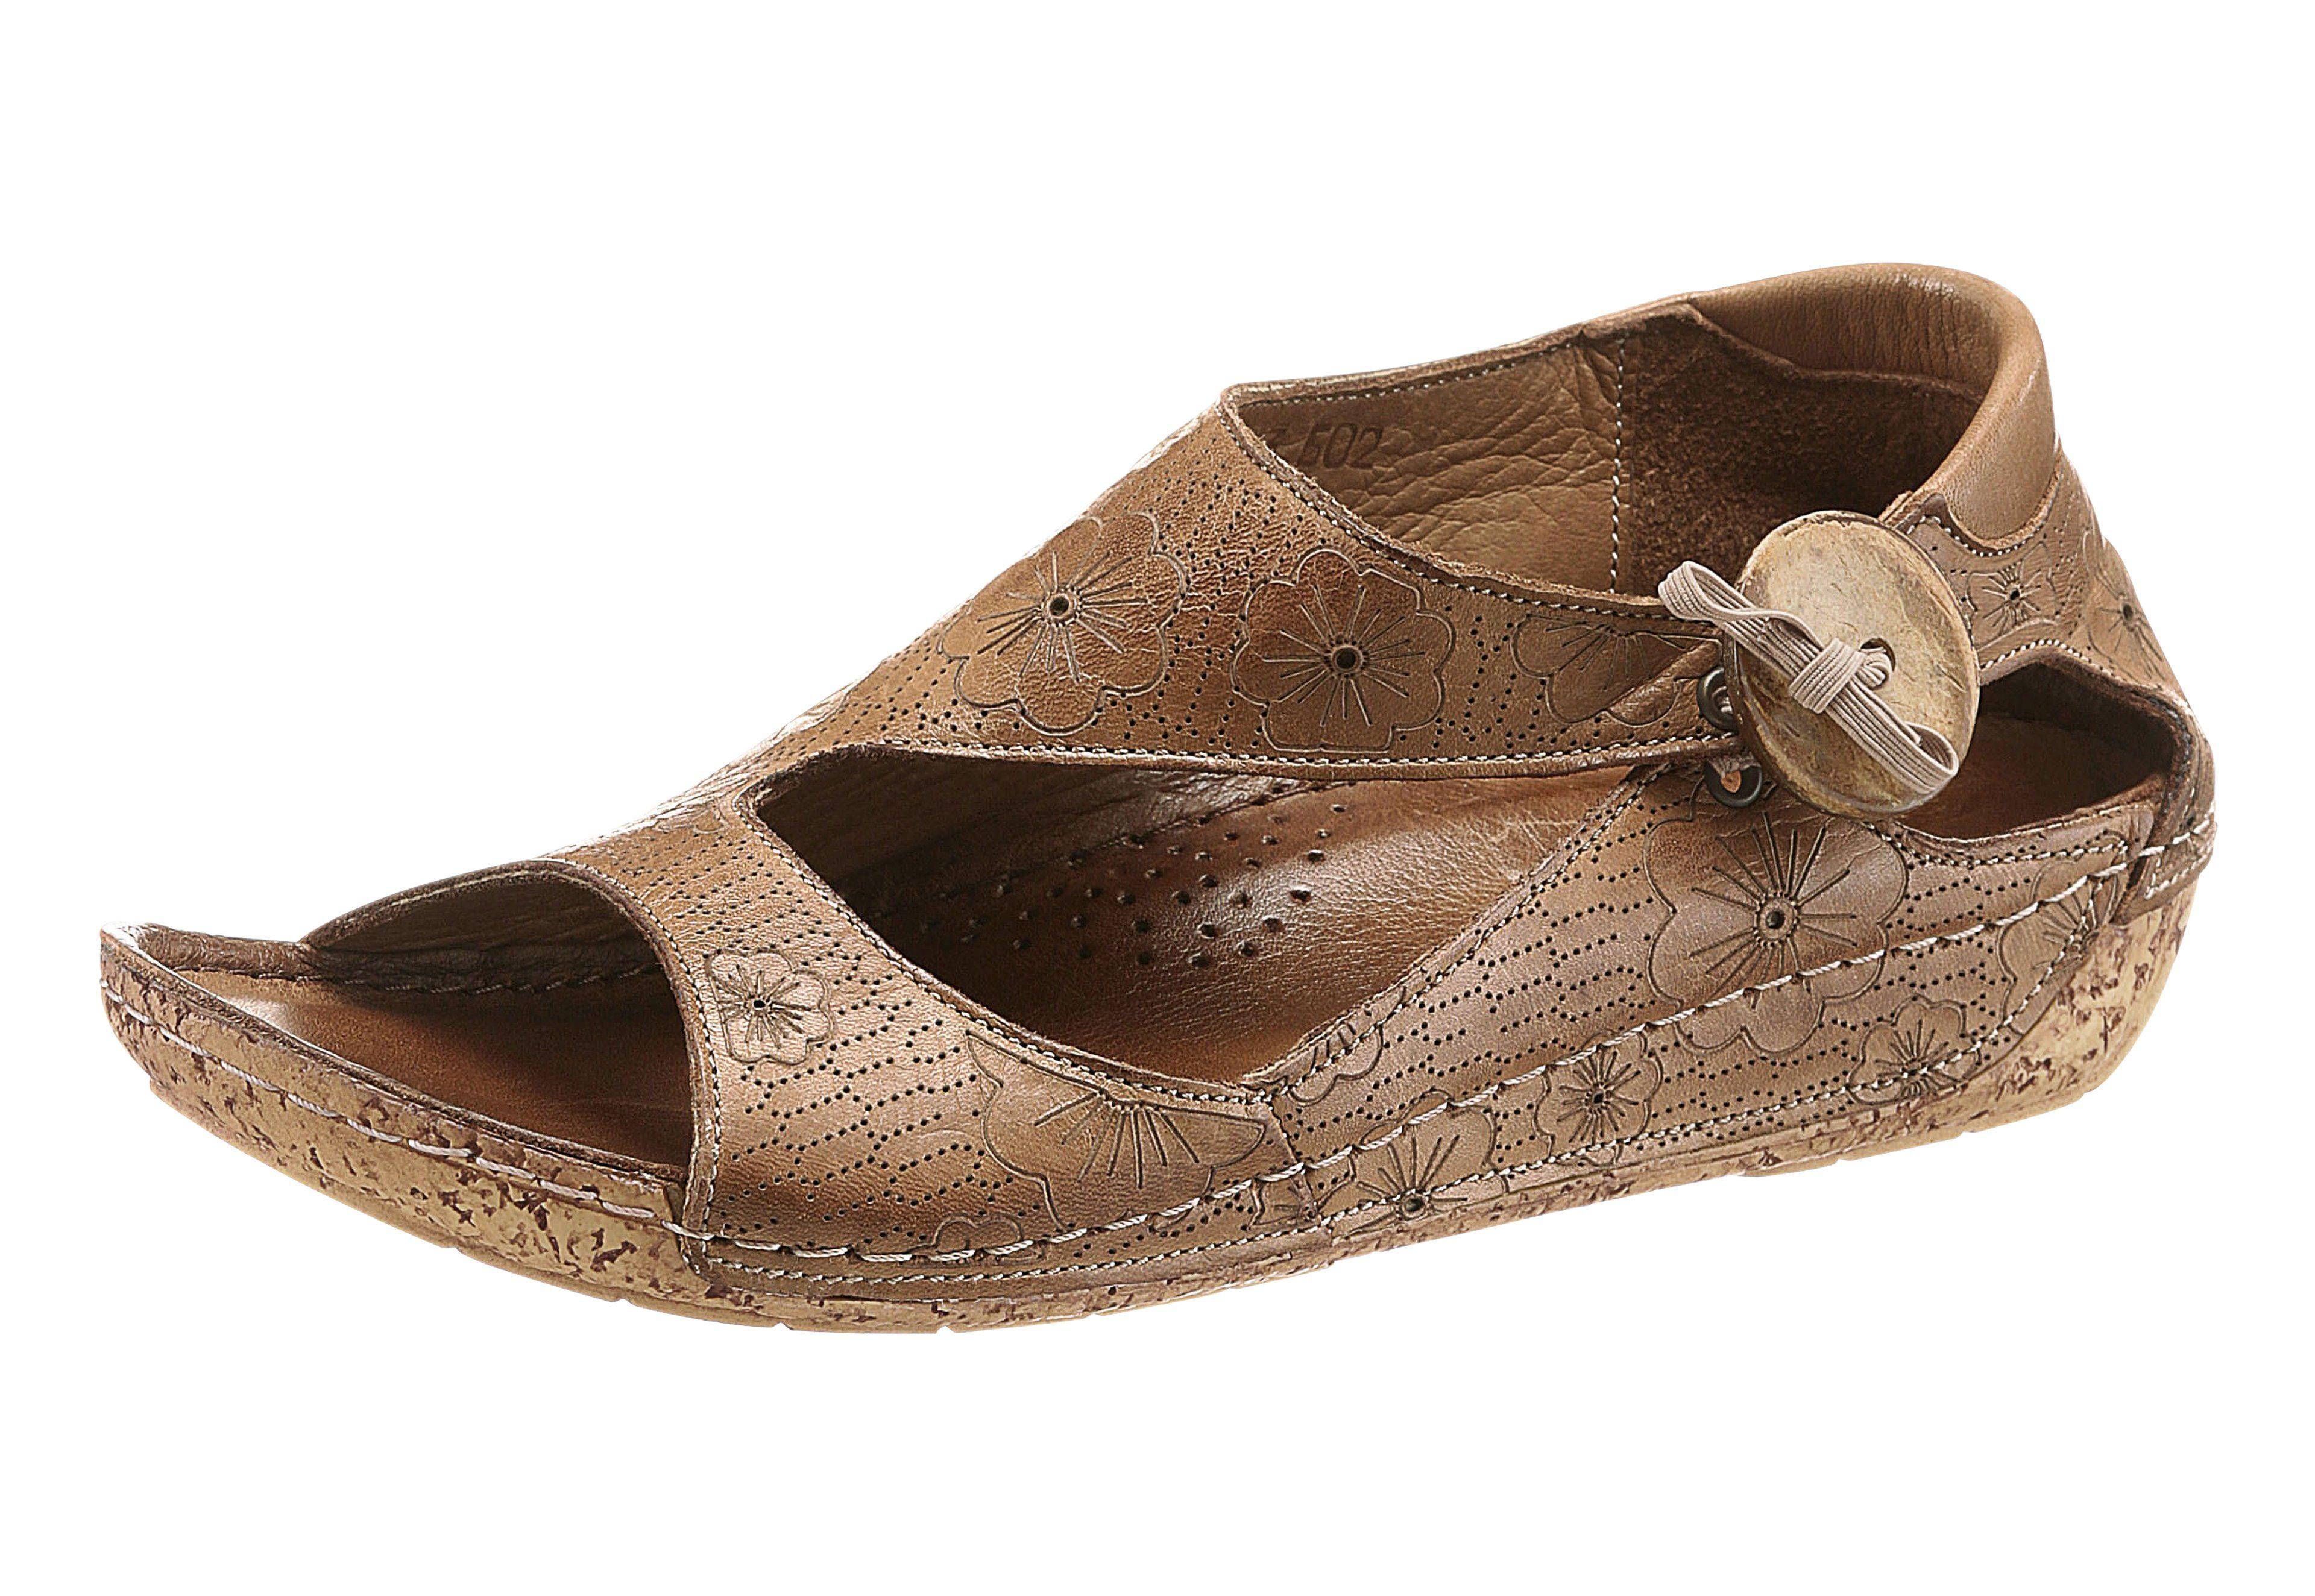 Gemini Sandalette mit Blumen-Muster online kaufen  braun